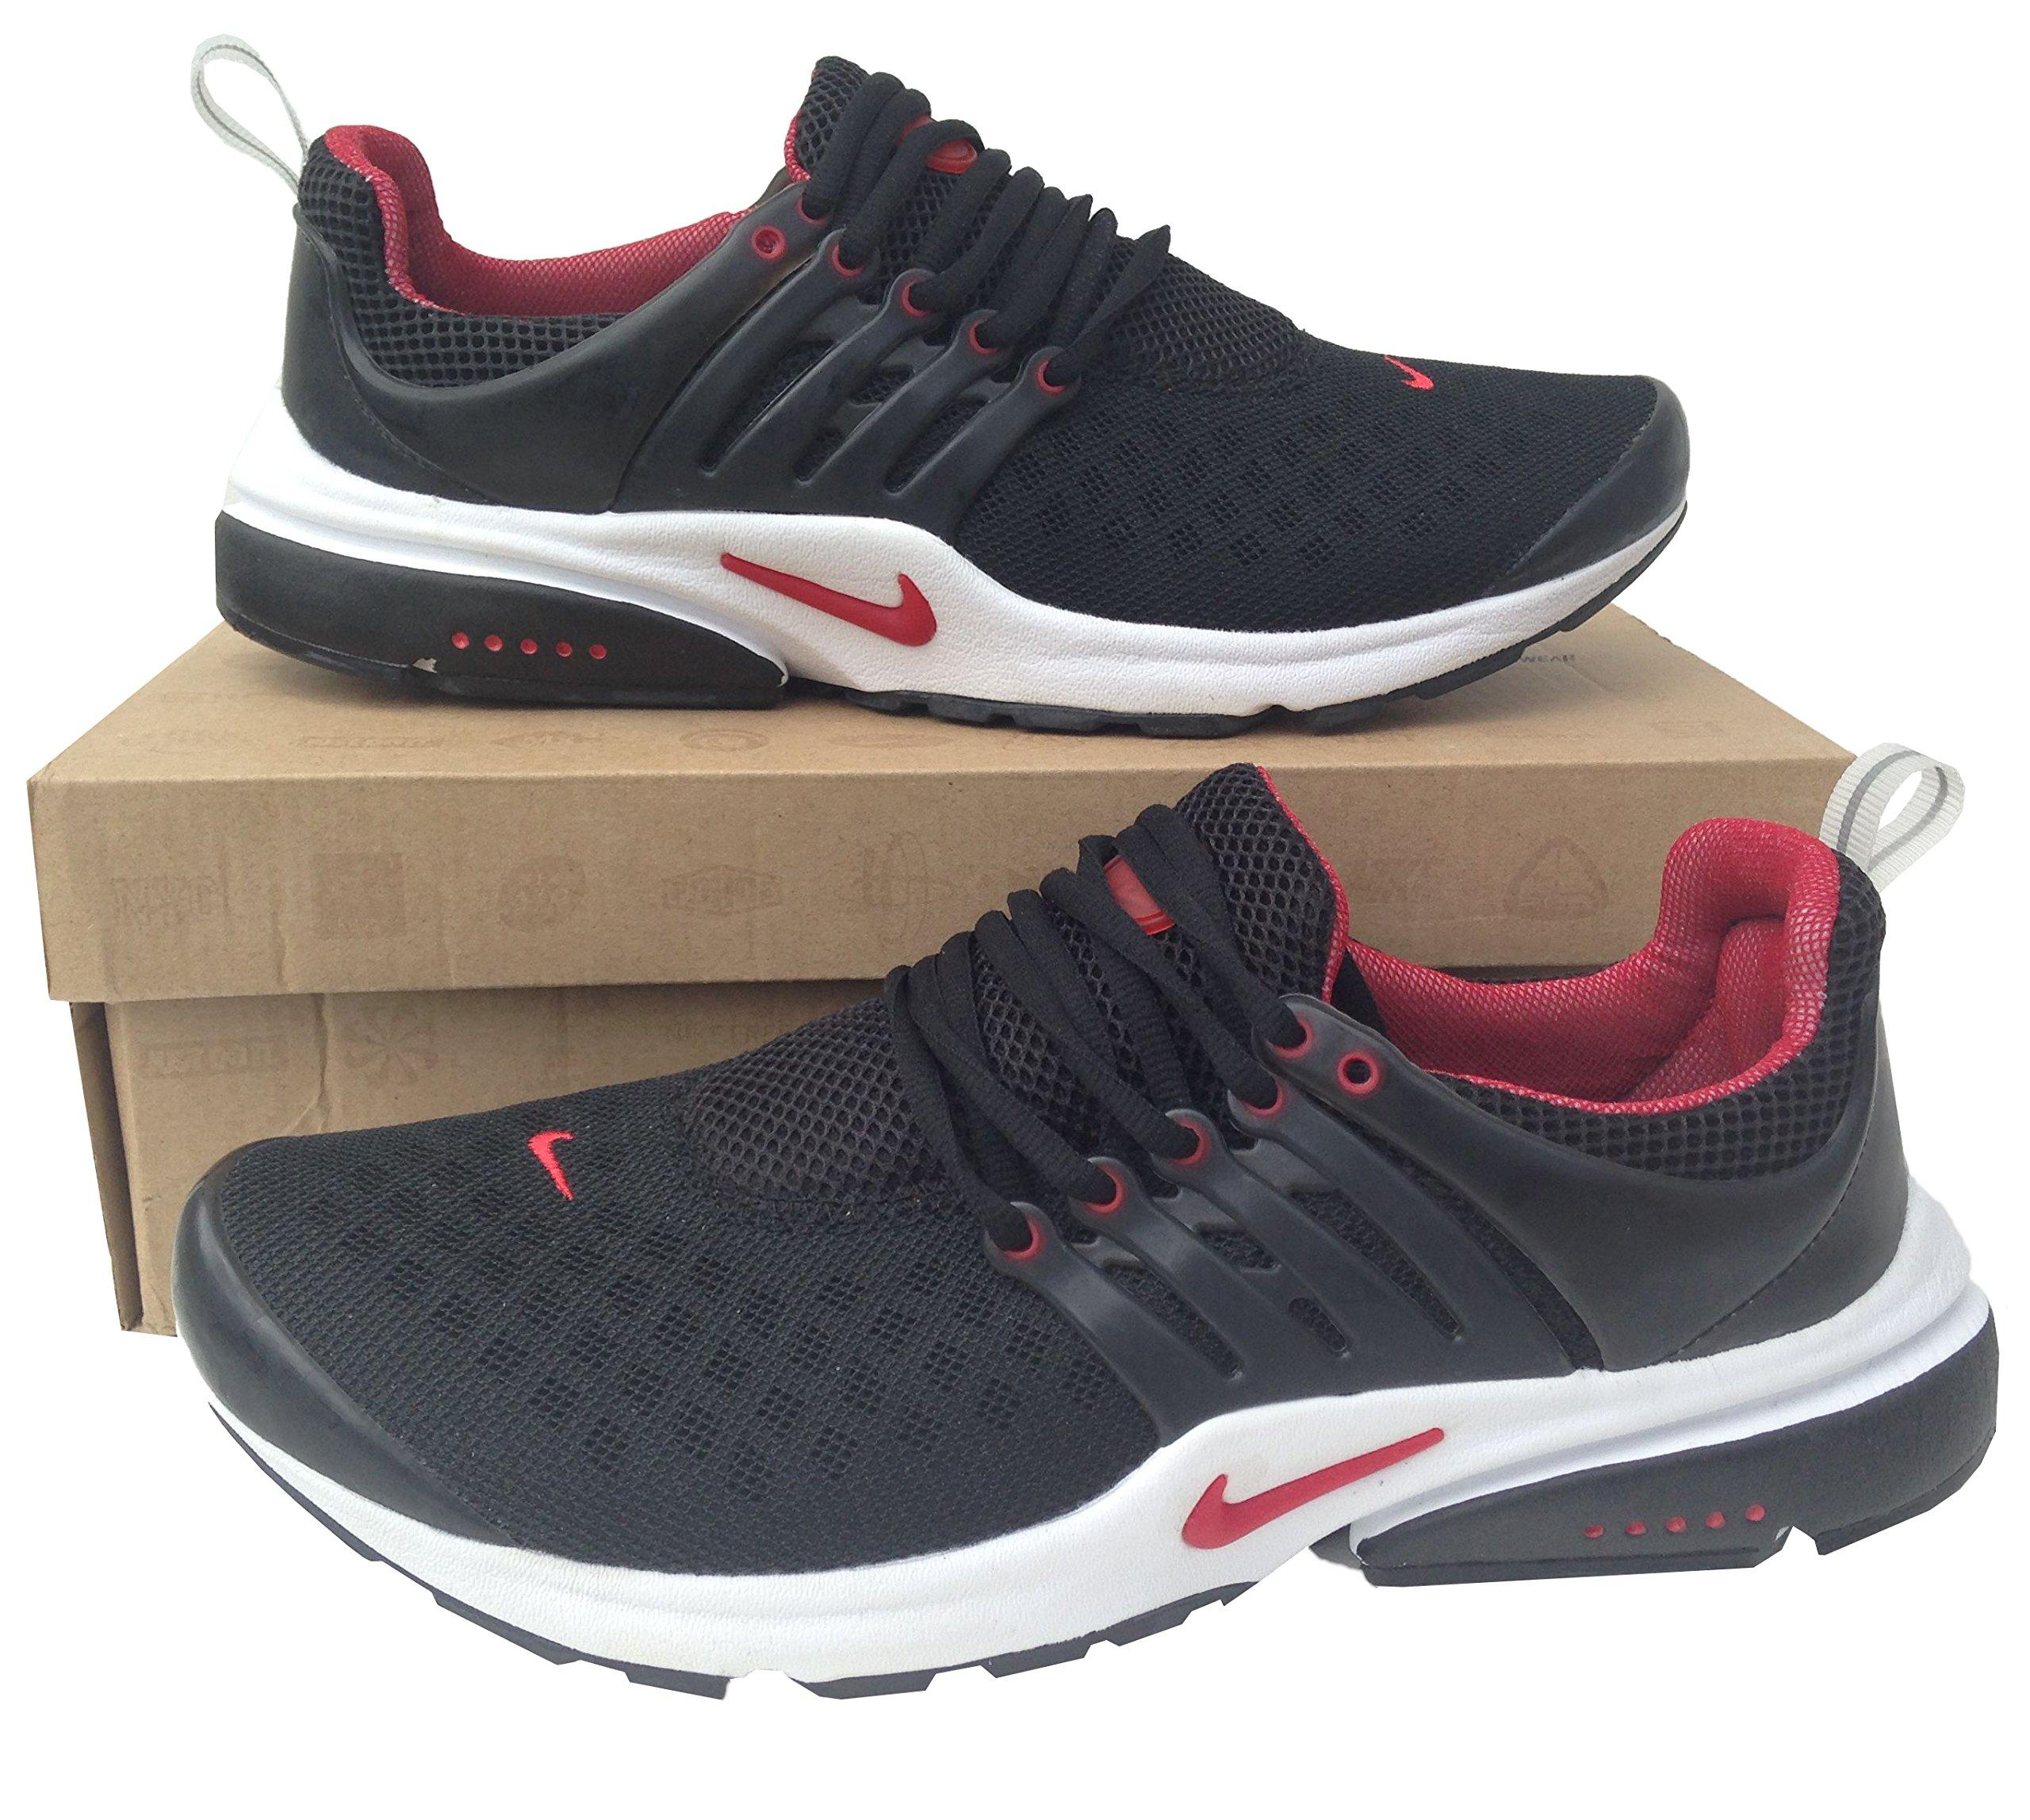 Nike Air Presto Rojo Negro Mens tamaño 8,5 Zapatillas Shox Zapatillas de Running Zapatillas: Amazon.es: Deportes y aire libre